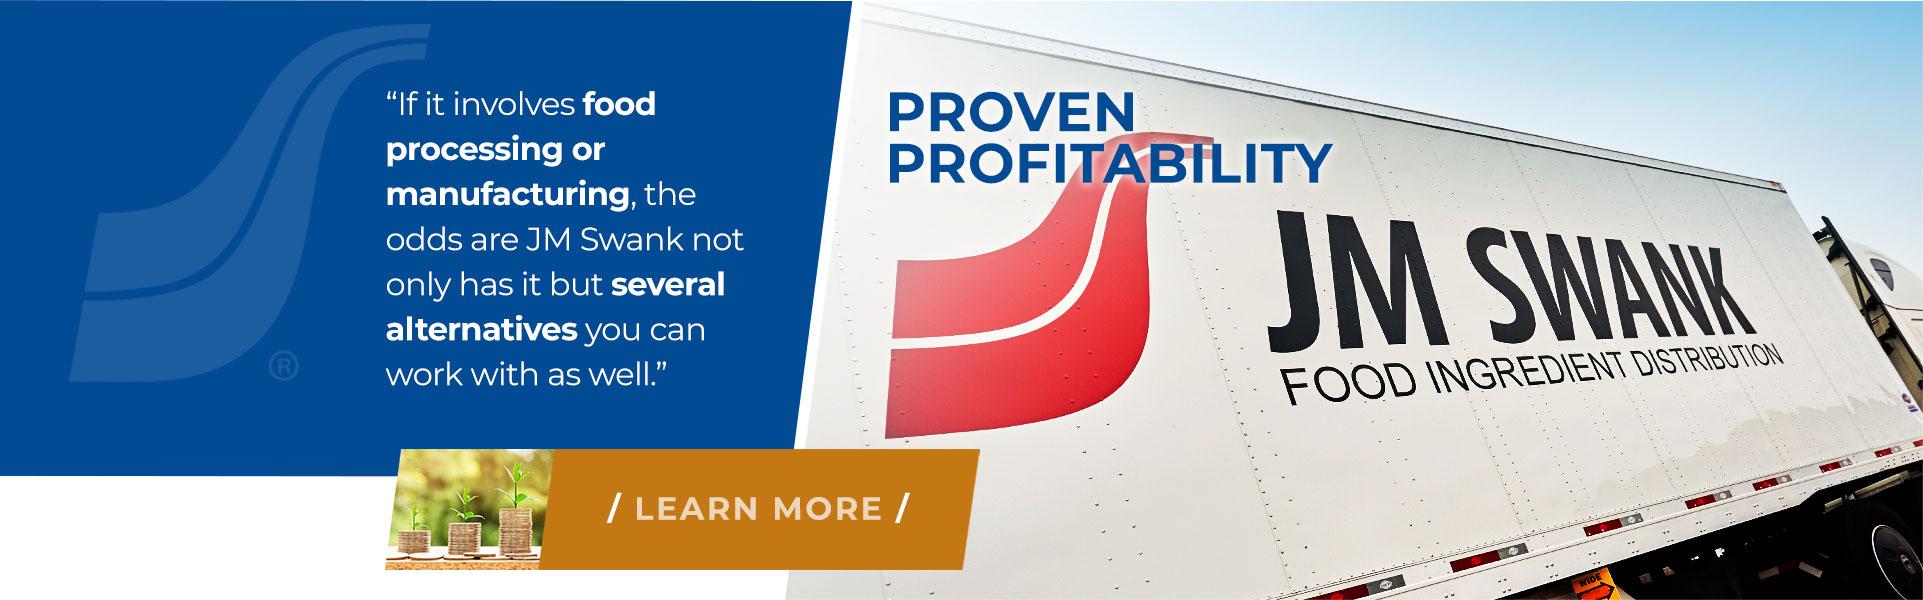 Proven Profitability